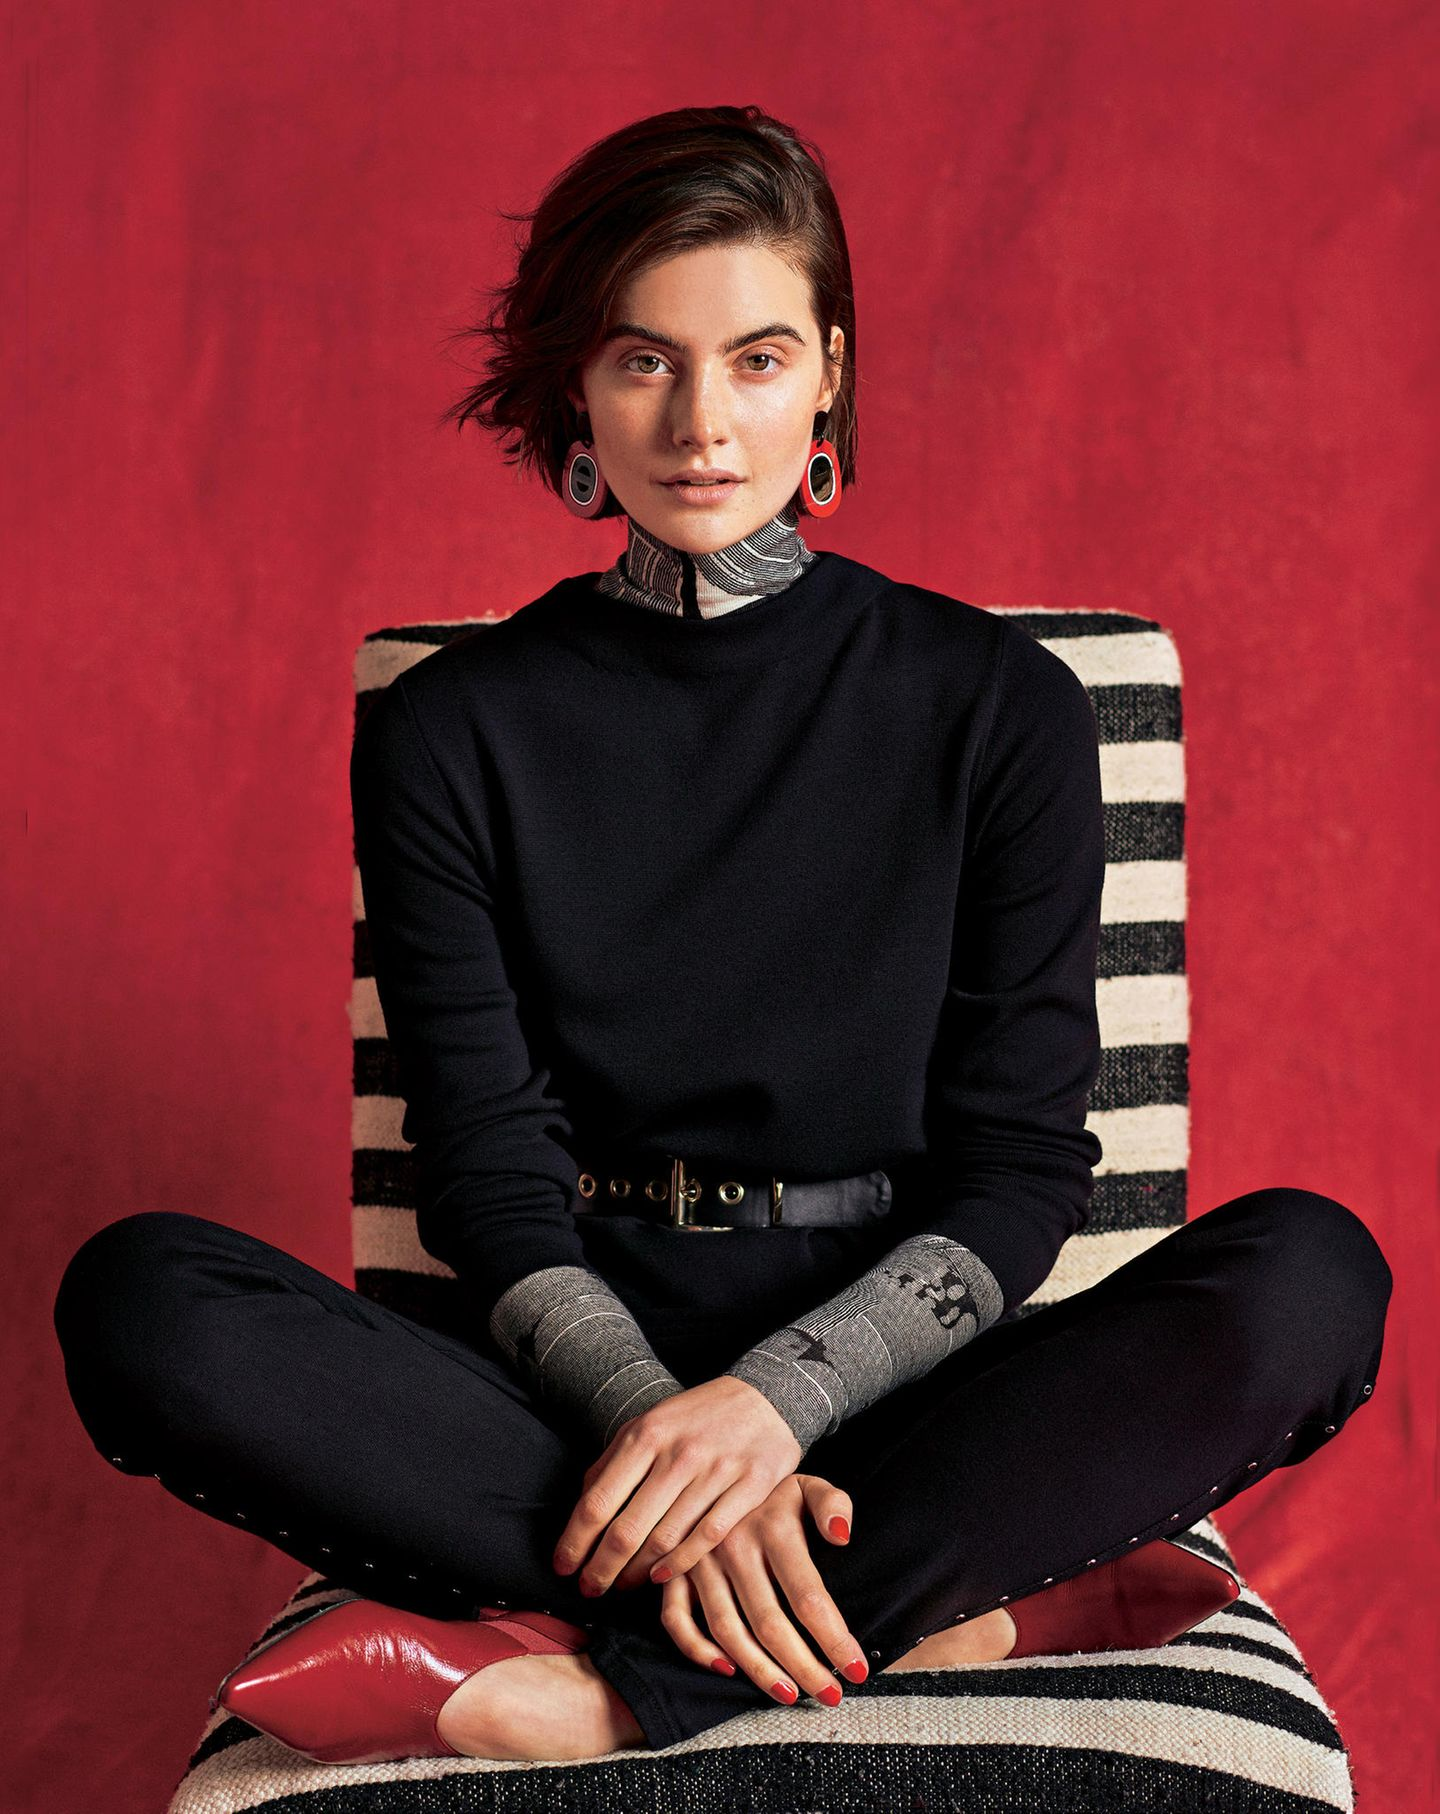 Trendfarben Herbst/Winter 2019: Diese 3 sind unschlagbar: Gemusterter Rolli mit schwarzem Kleid und schwarzer Hose